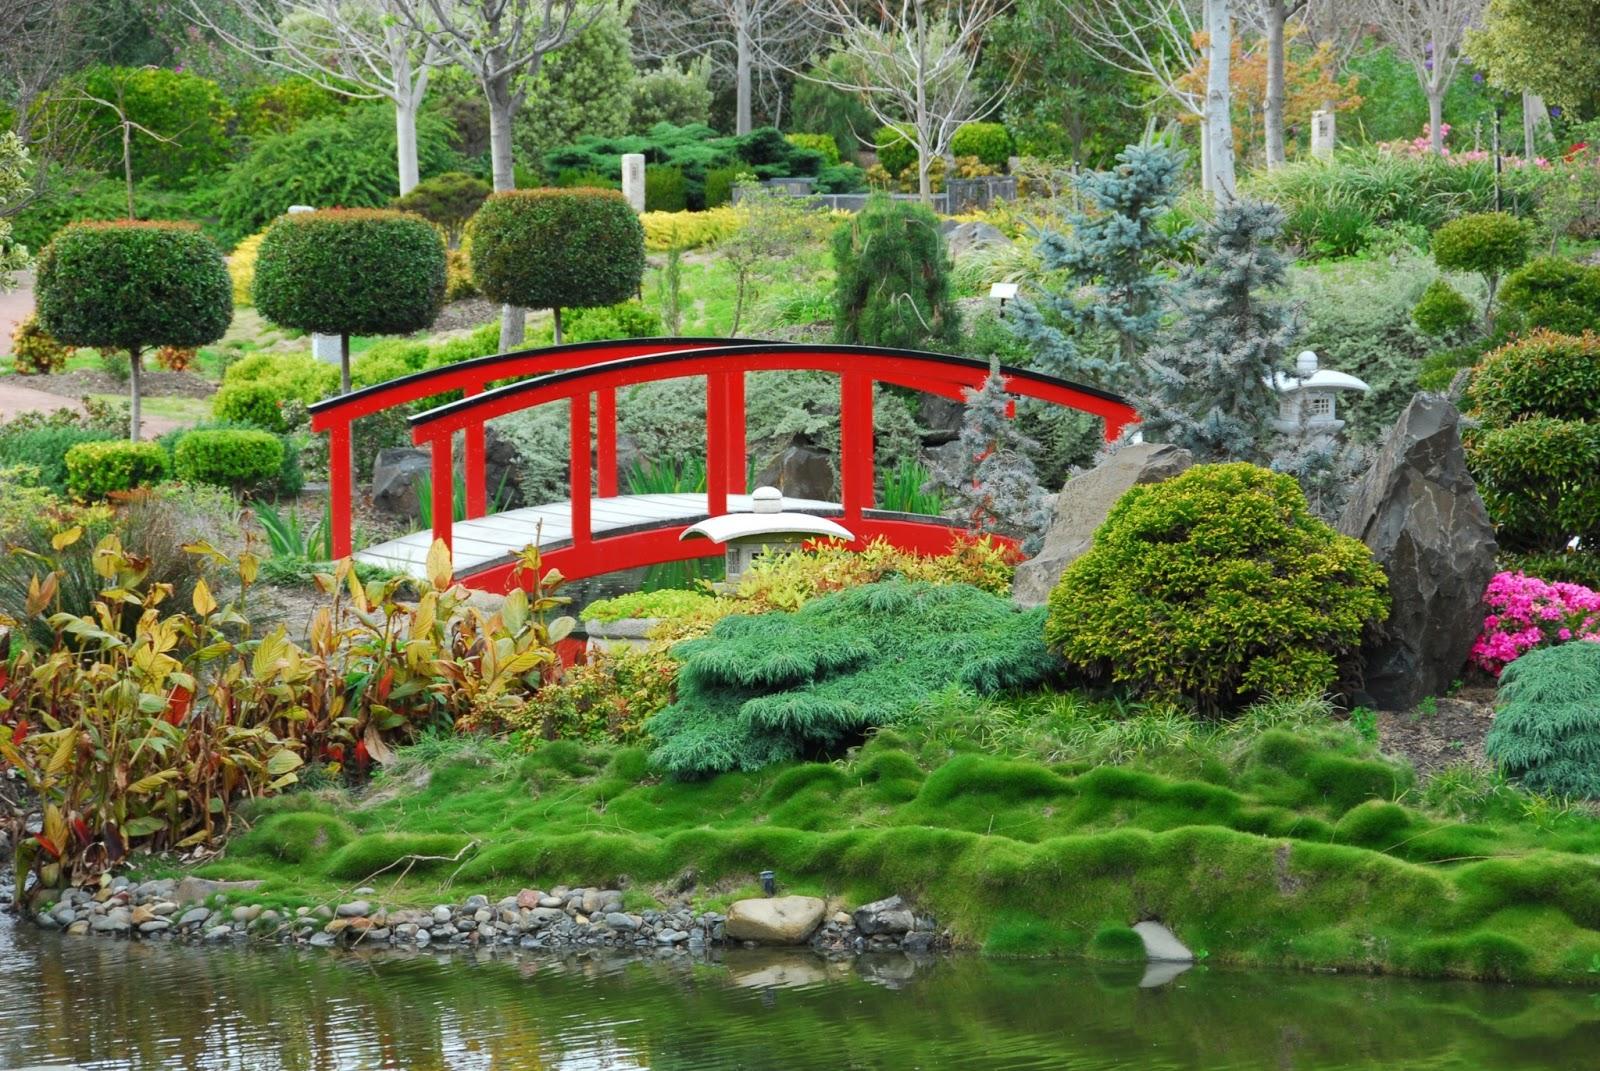 Banco de im genes para ver disfrutar y compartir for Casa de eventos jardin del lago cali